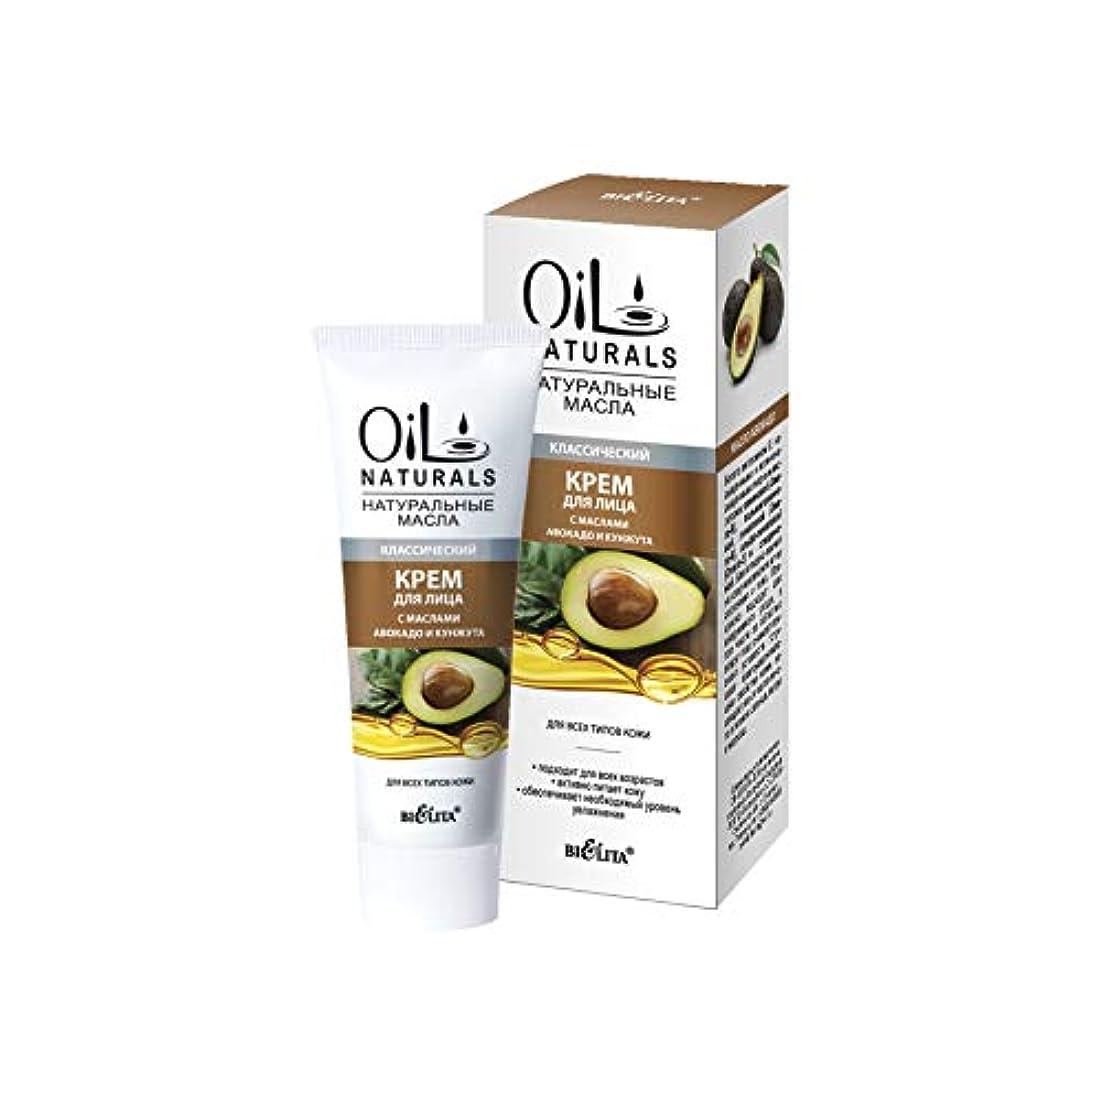 ブランクオーディション海外でBielita & Vitex  Oil Naturals Line   Classic Moisturizing Face Cream, for All Skin Types, 50 ml   Avocado Oil,...